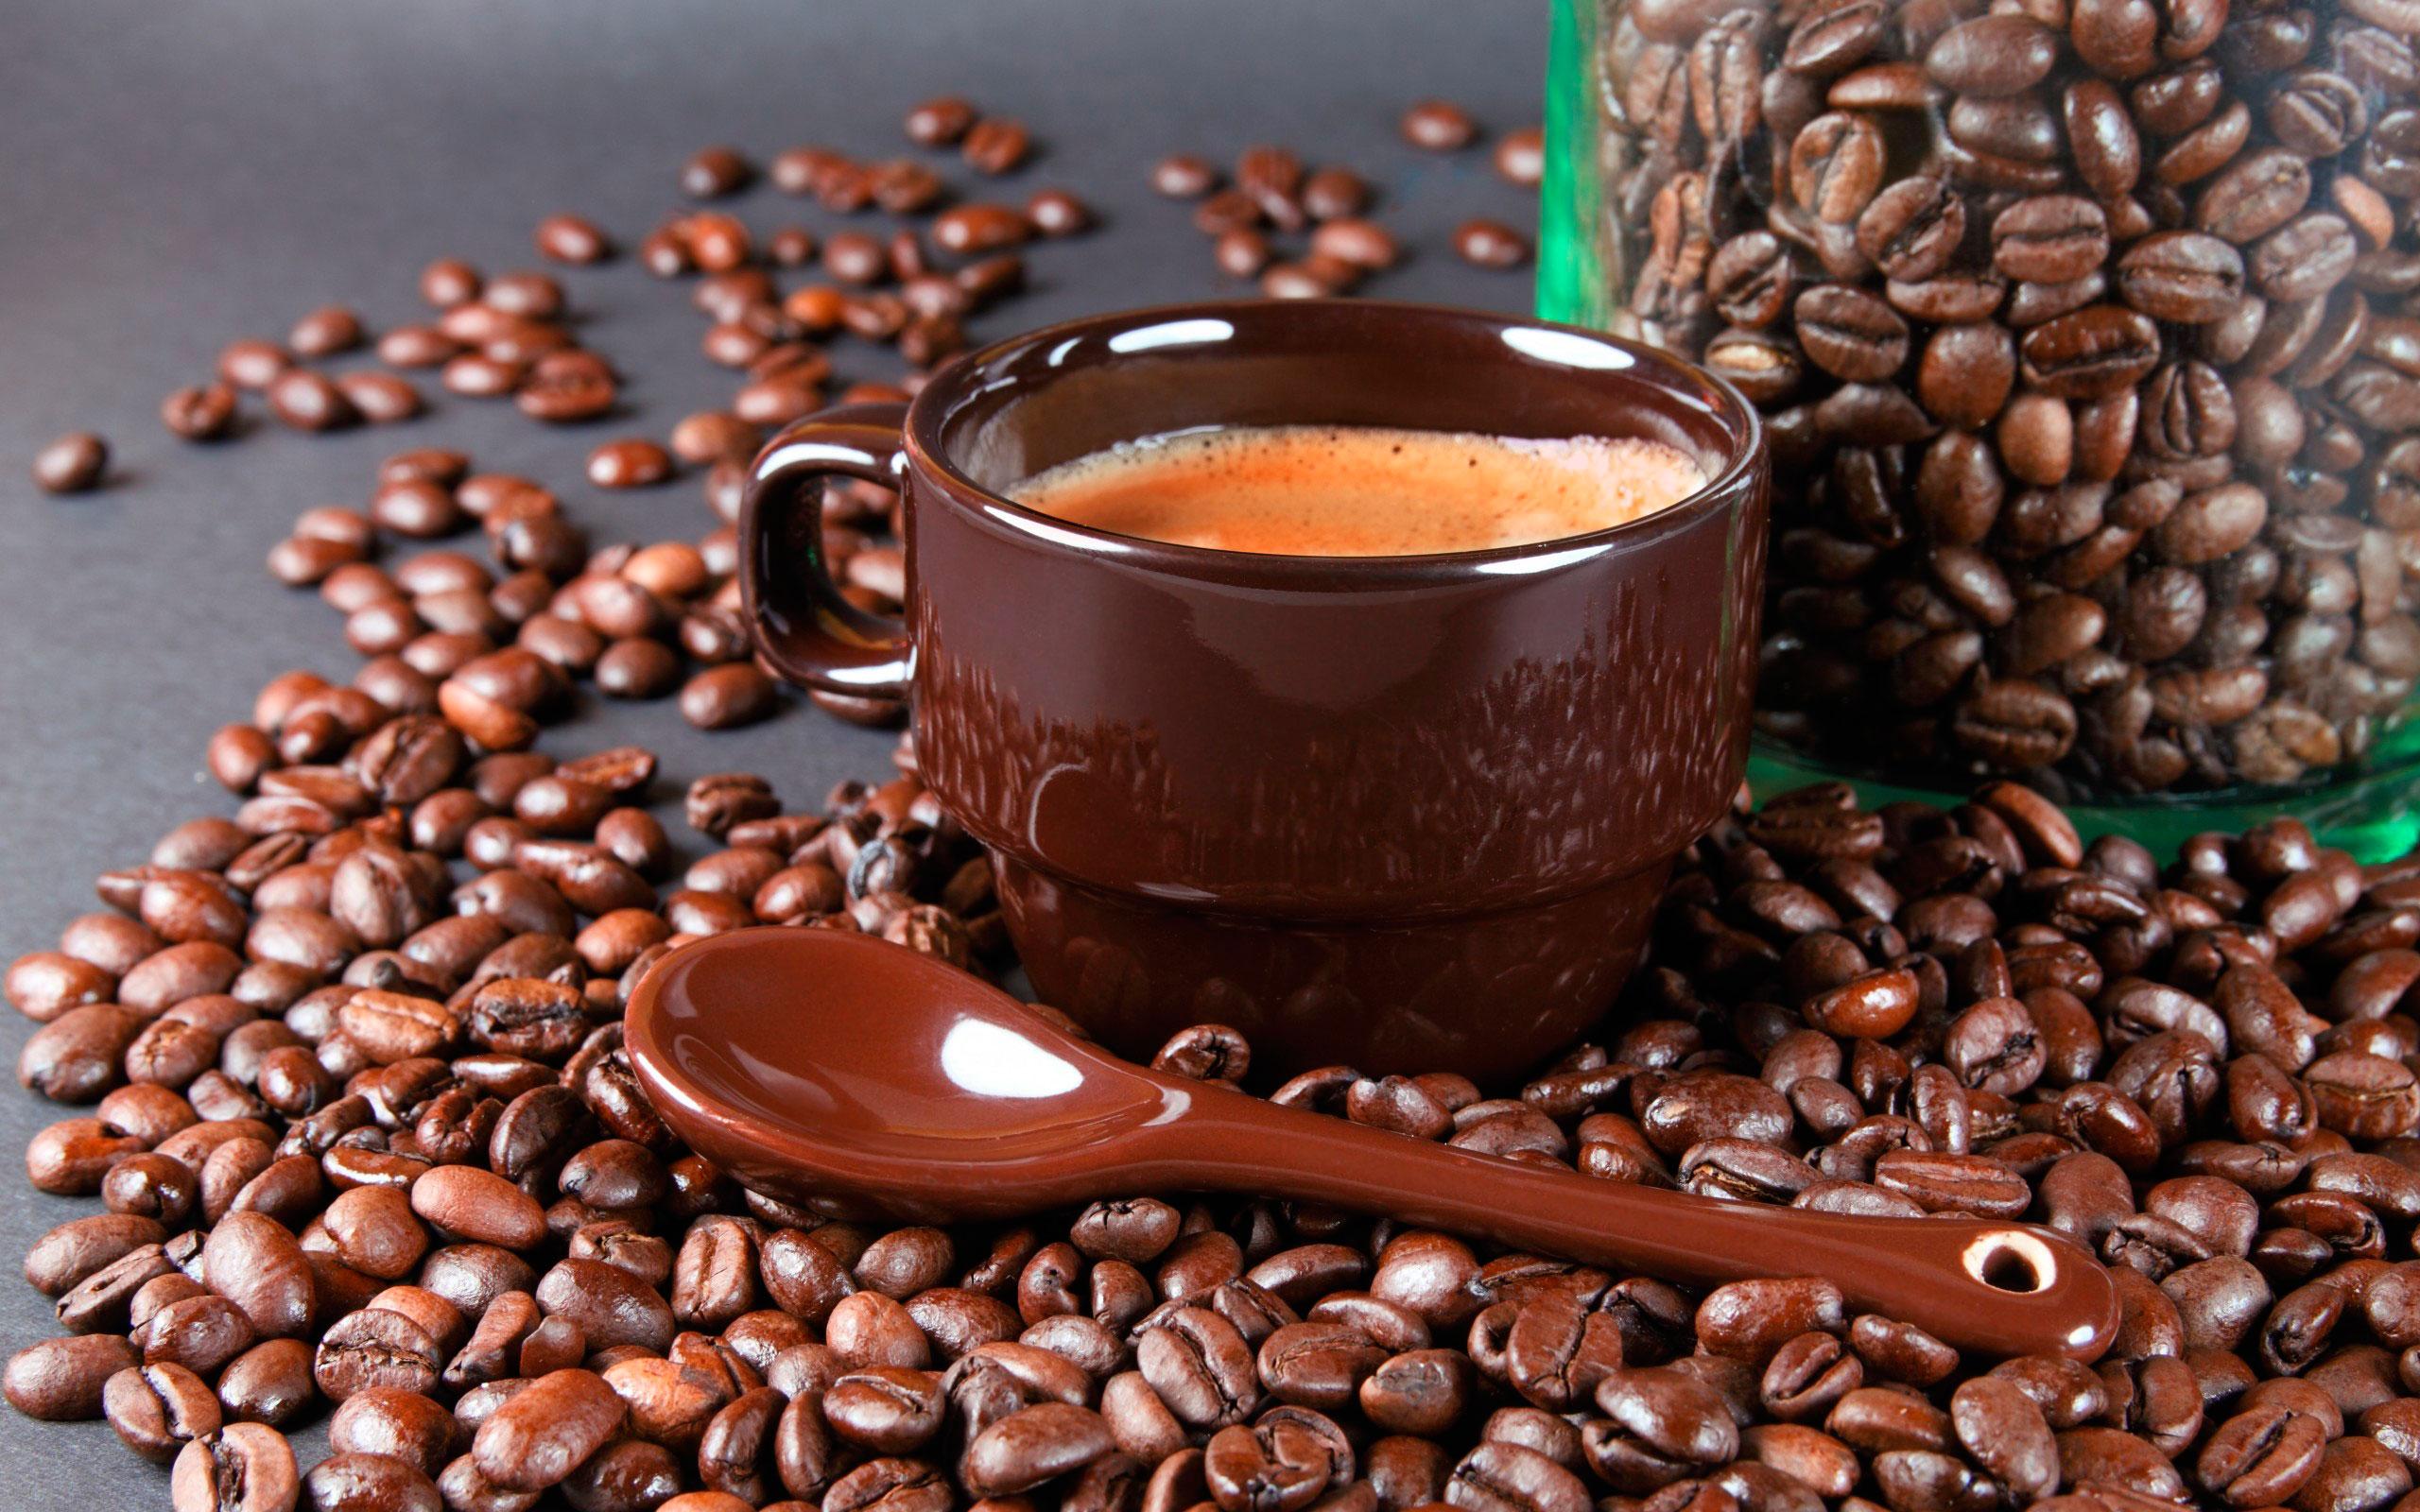 Керамическая чашка с кофе